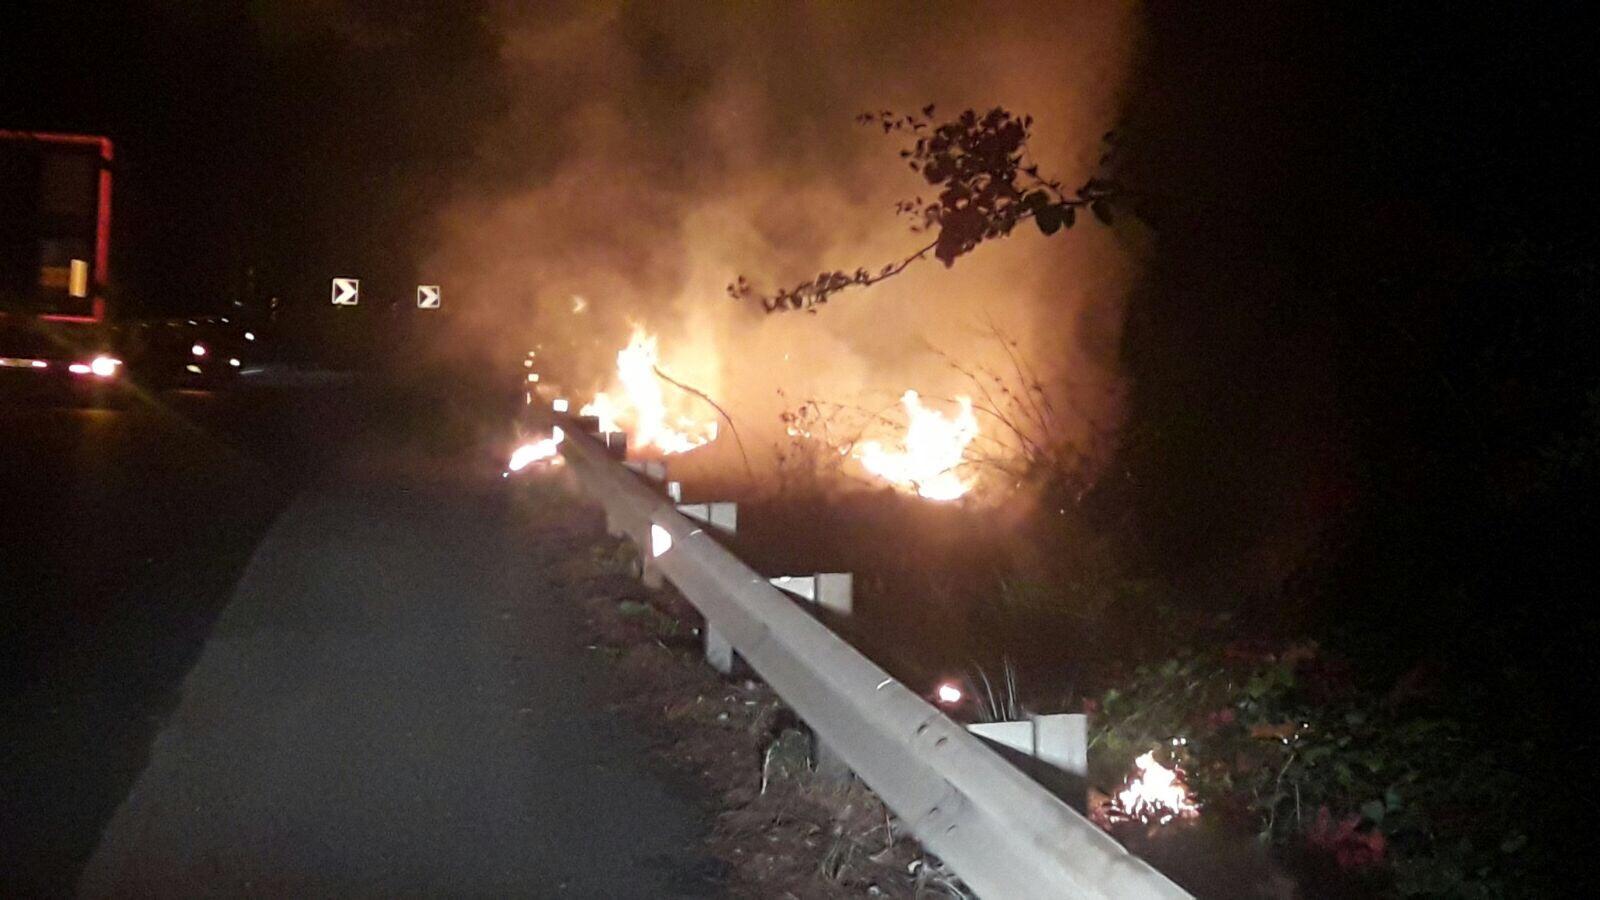 #Gallery# – Ancora incendi. Notte di fuoco in autostrada. Nessuna conseguenza al traffico